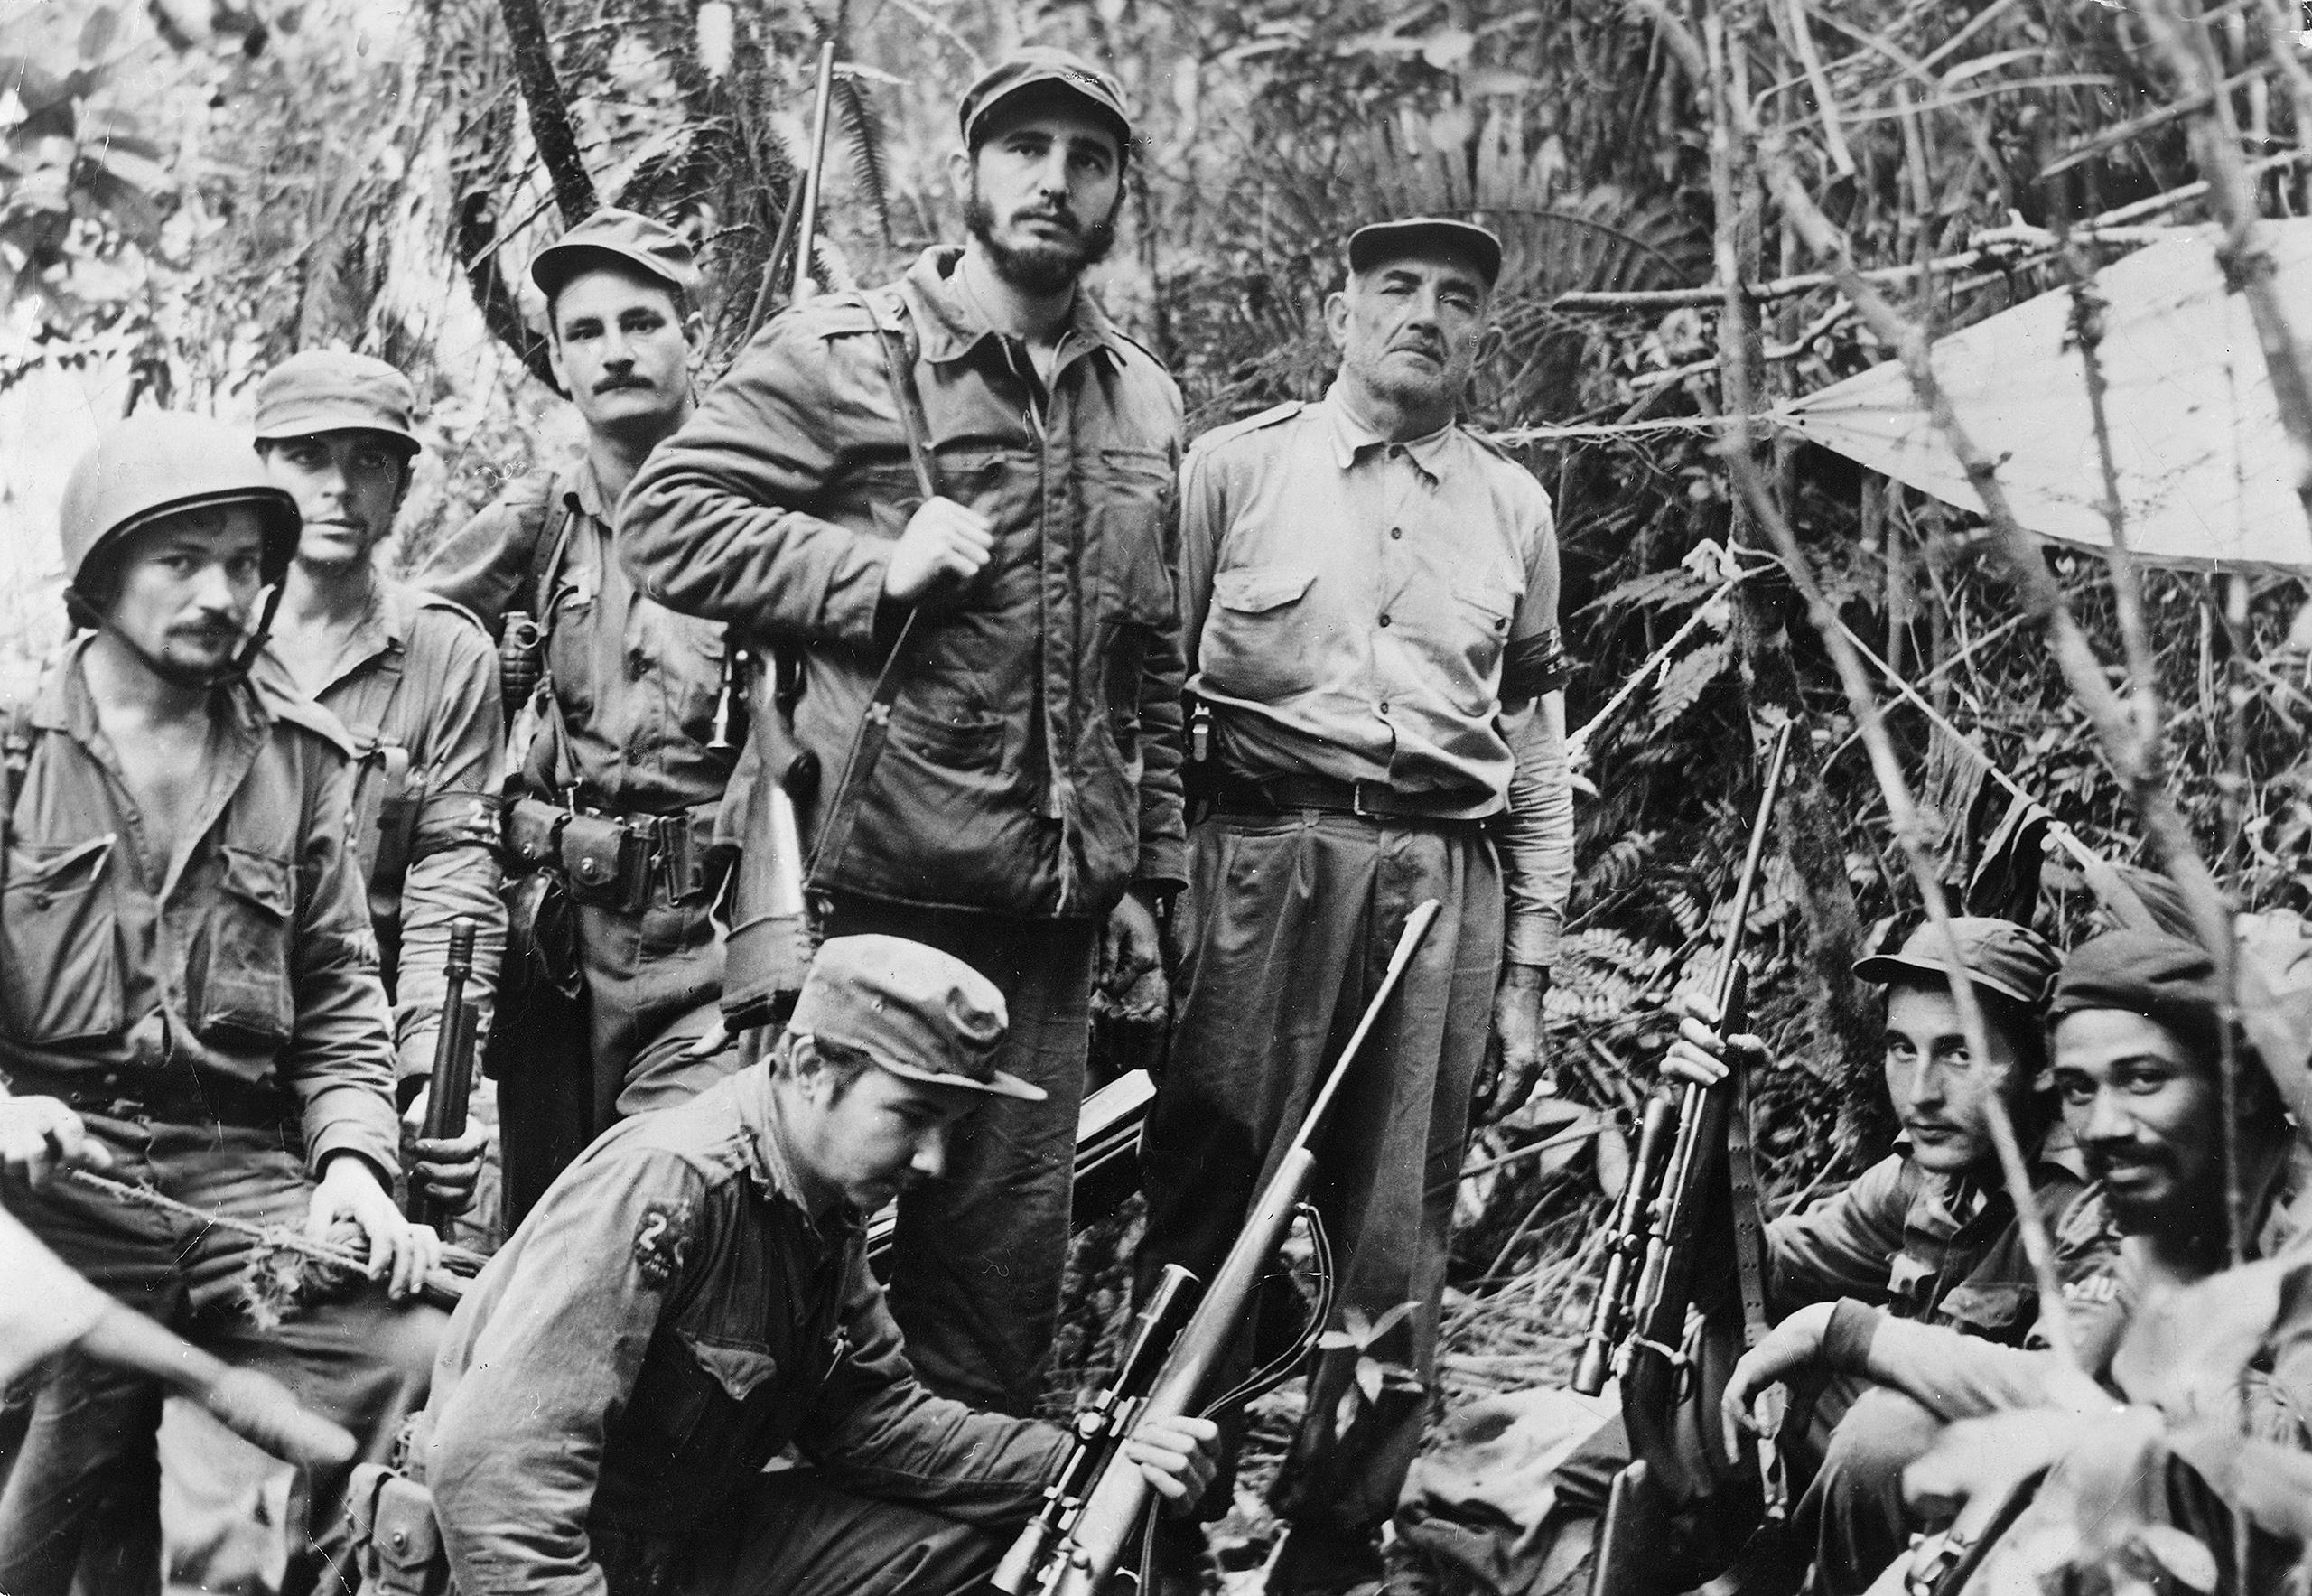 Fidel Castro with his command staff in a secret jungle hideout, 1958. From left: Guillermo Garcia, Ernesto Che Guevara, Universo Sanchez, Raul Castro (kneeling), Castro, Crescentio Perez, George Sotus and Juan Almeide.